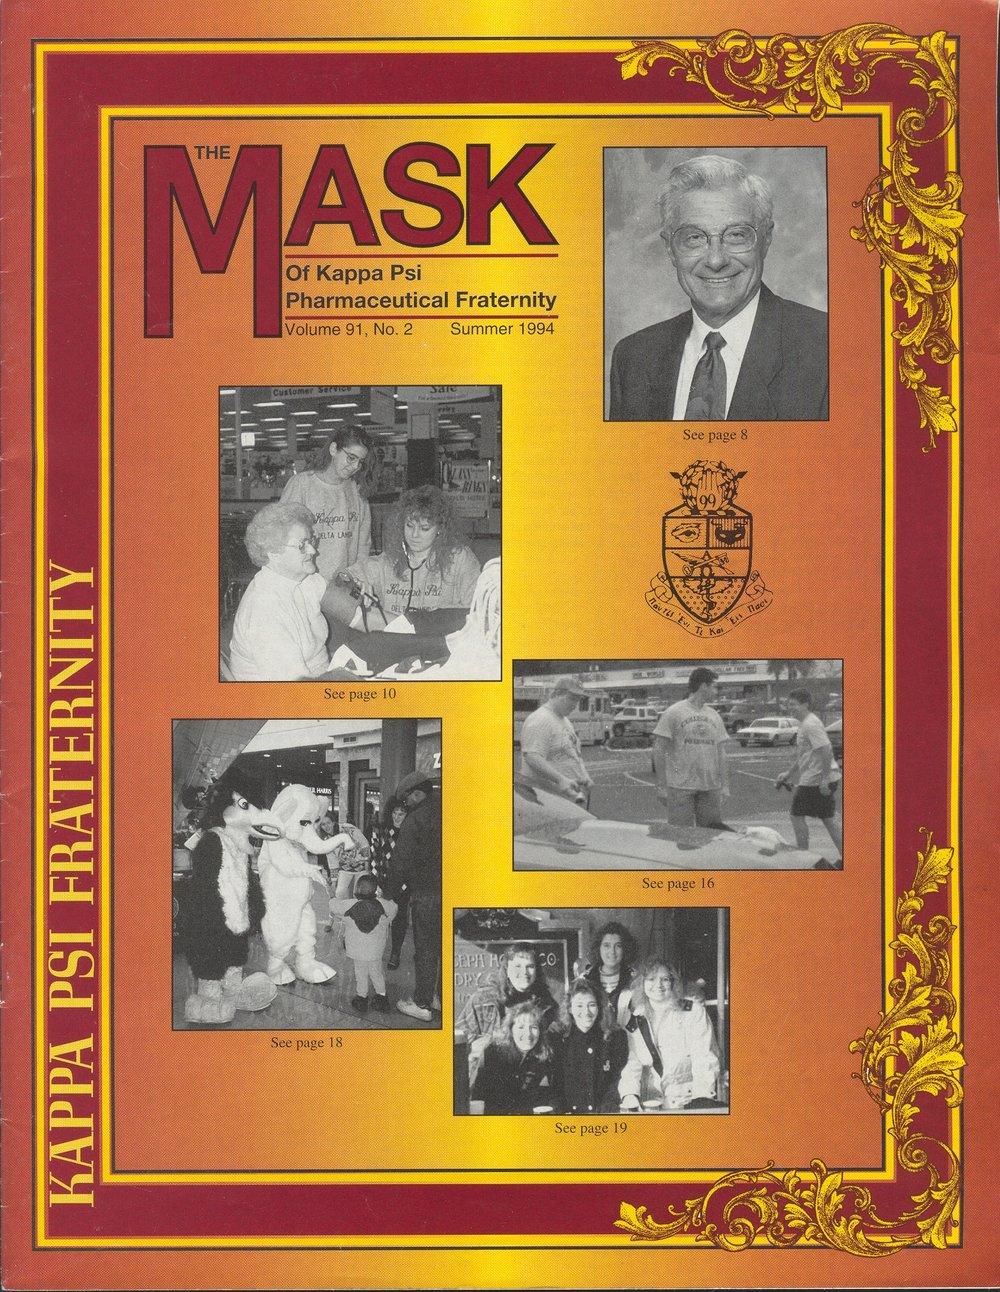 mask_cover_06_1994.jpg